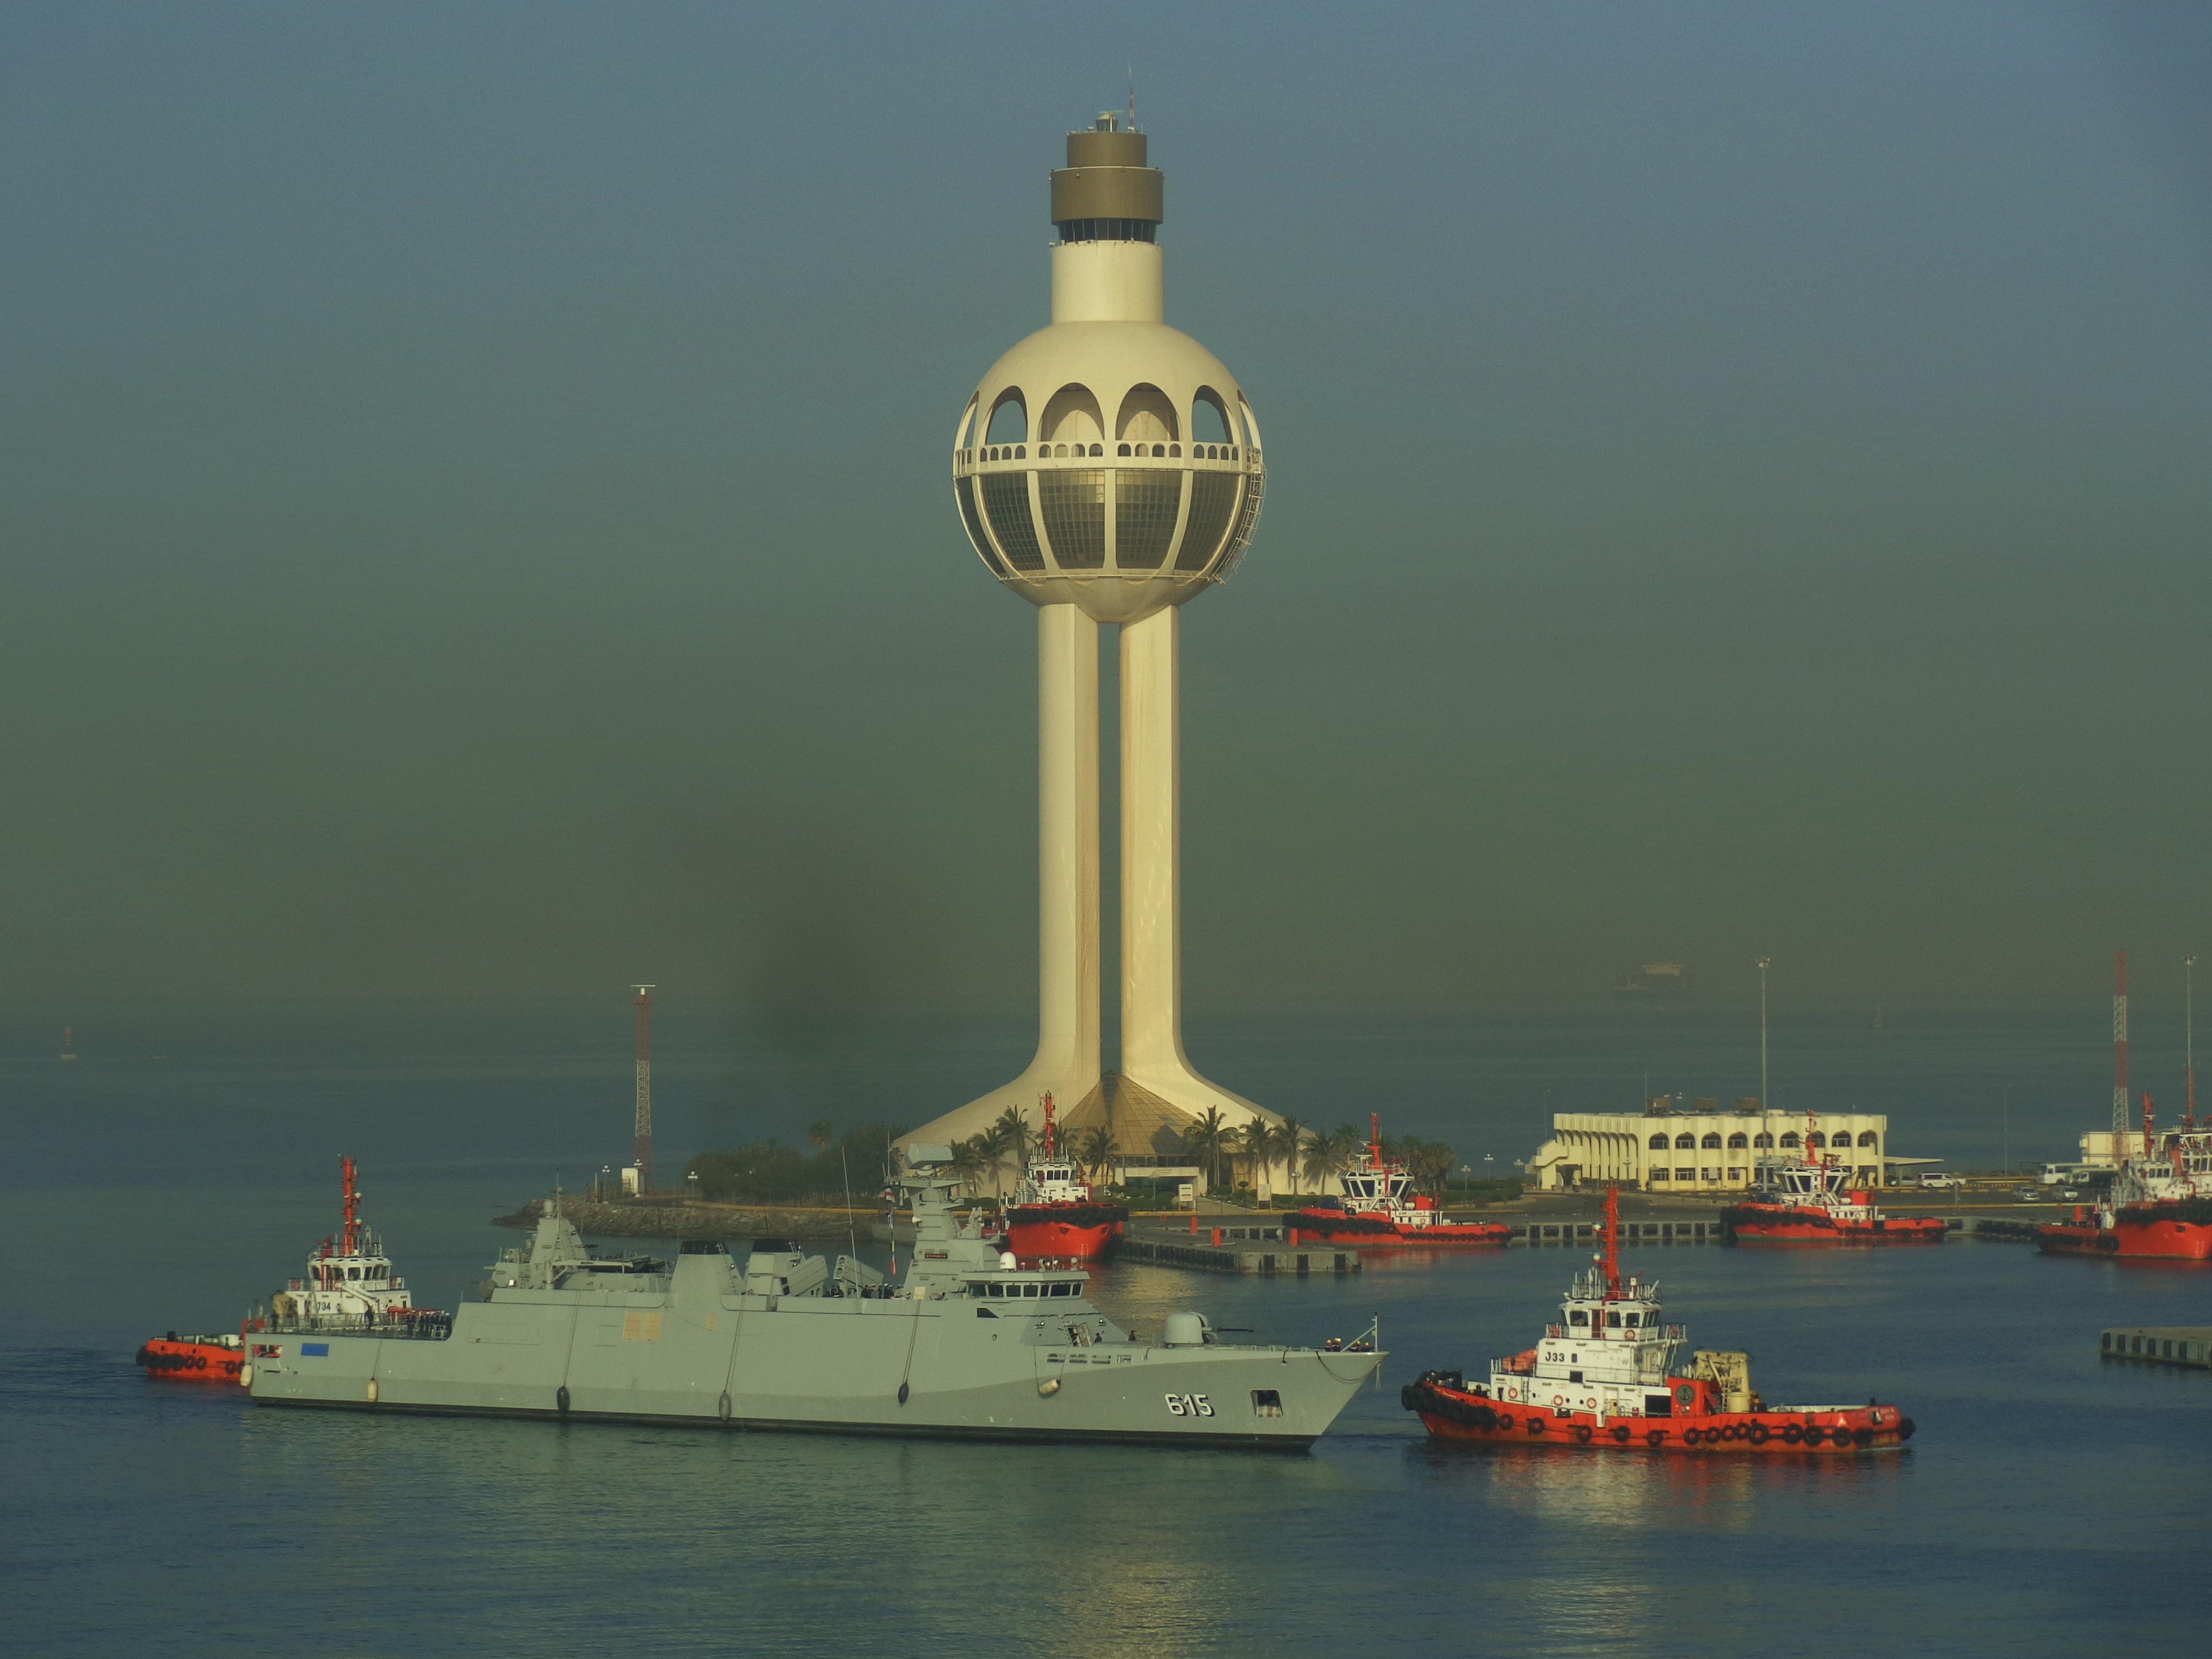 Самый высокий маяк в Джидде (Саудовская Аравия). Источник http://photos.wikimapia.org/p/00/05/73/59/64_full.jpg